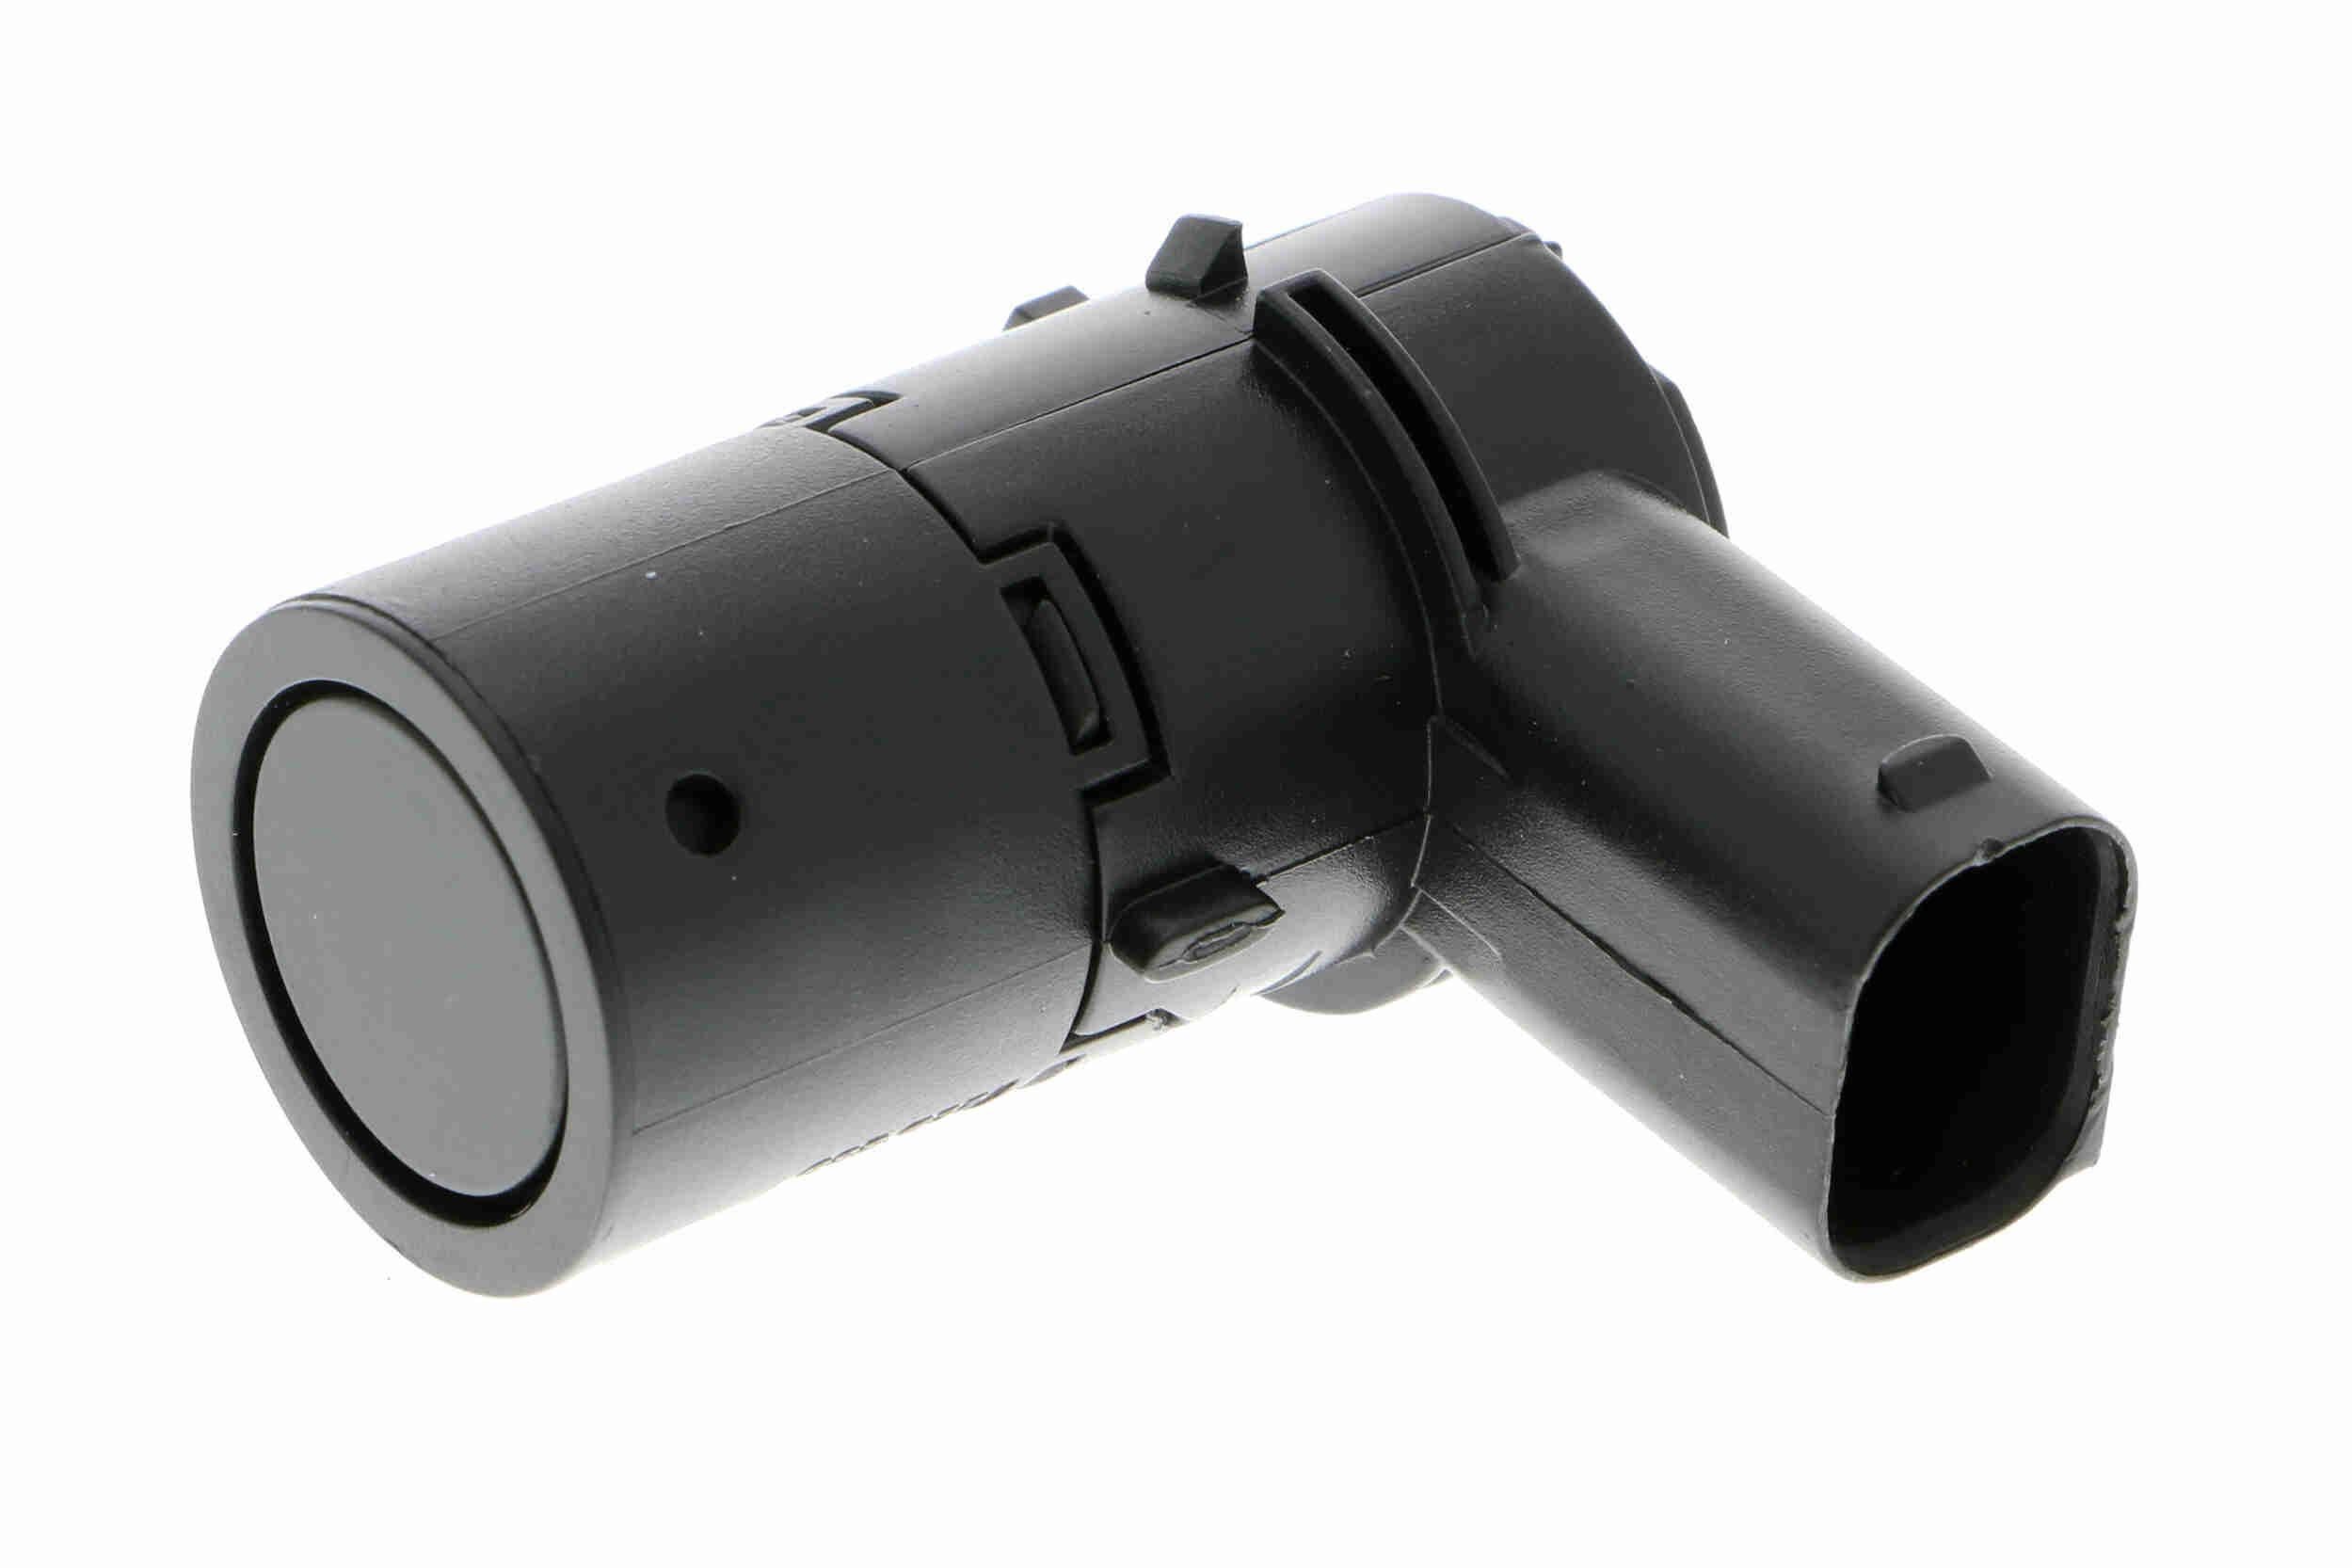 Einparkhilfe Sensoren V20-72-0035 rund um die Uhr online kaufen